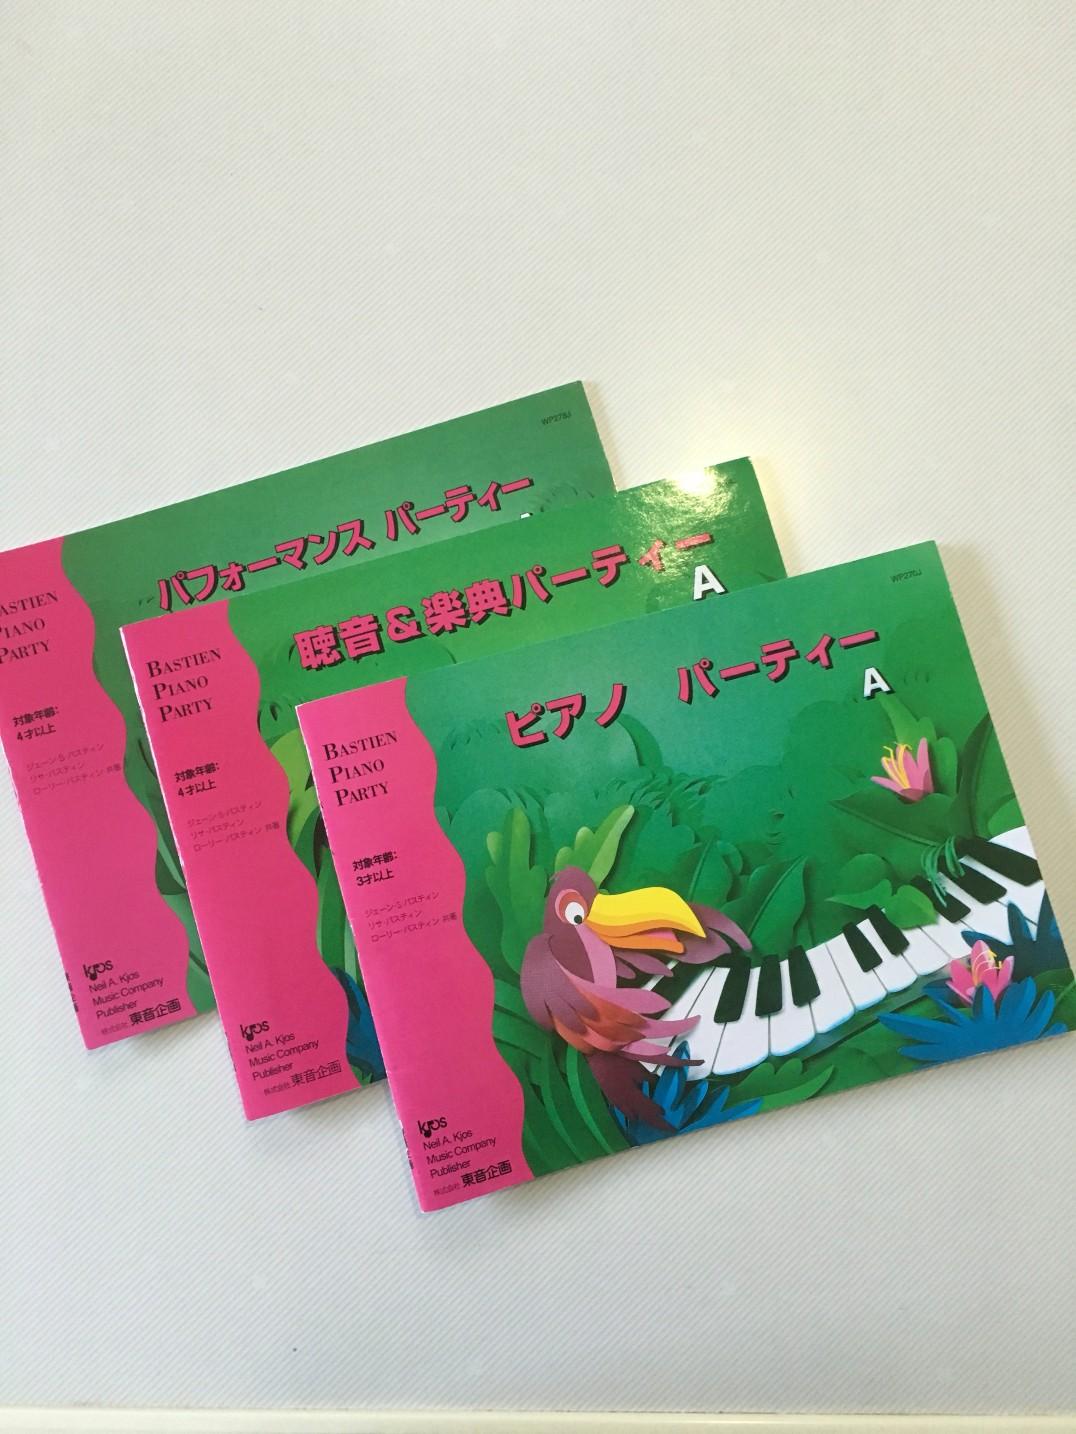 すみれ会ピアノ教室 オンライン校